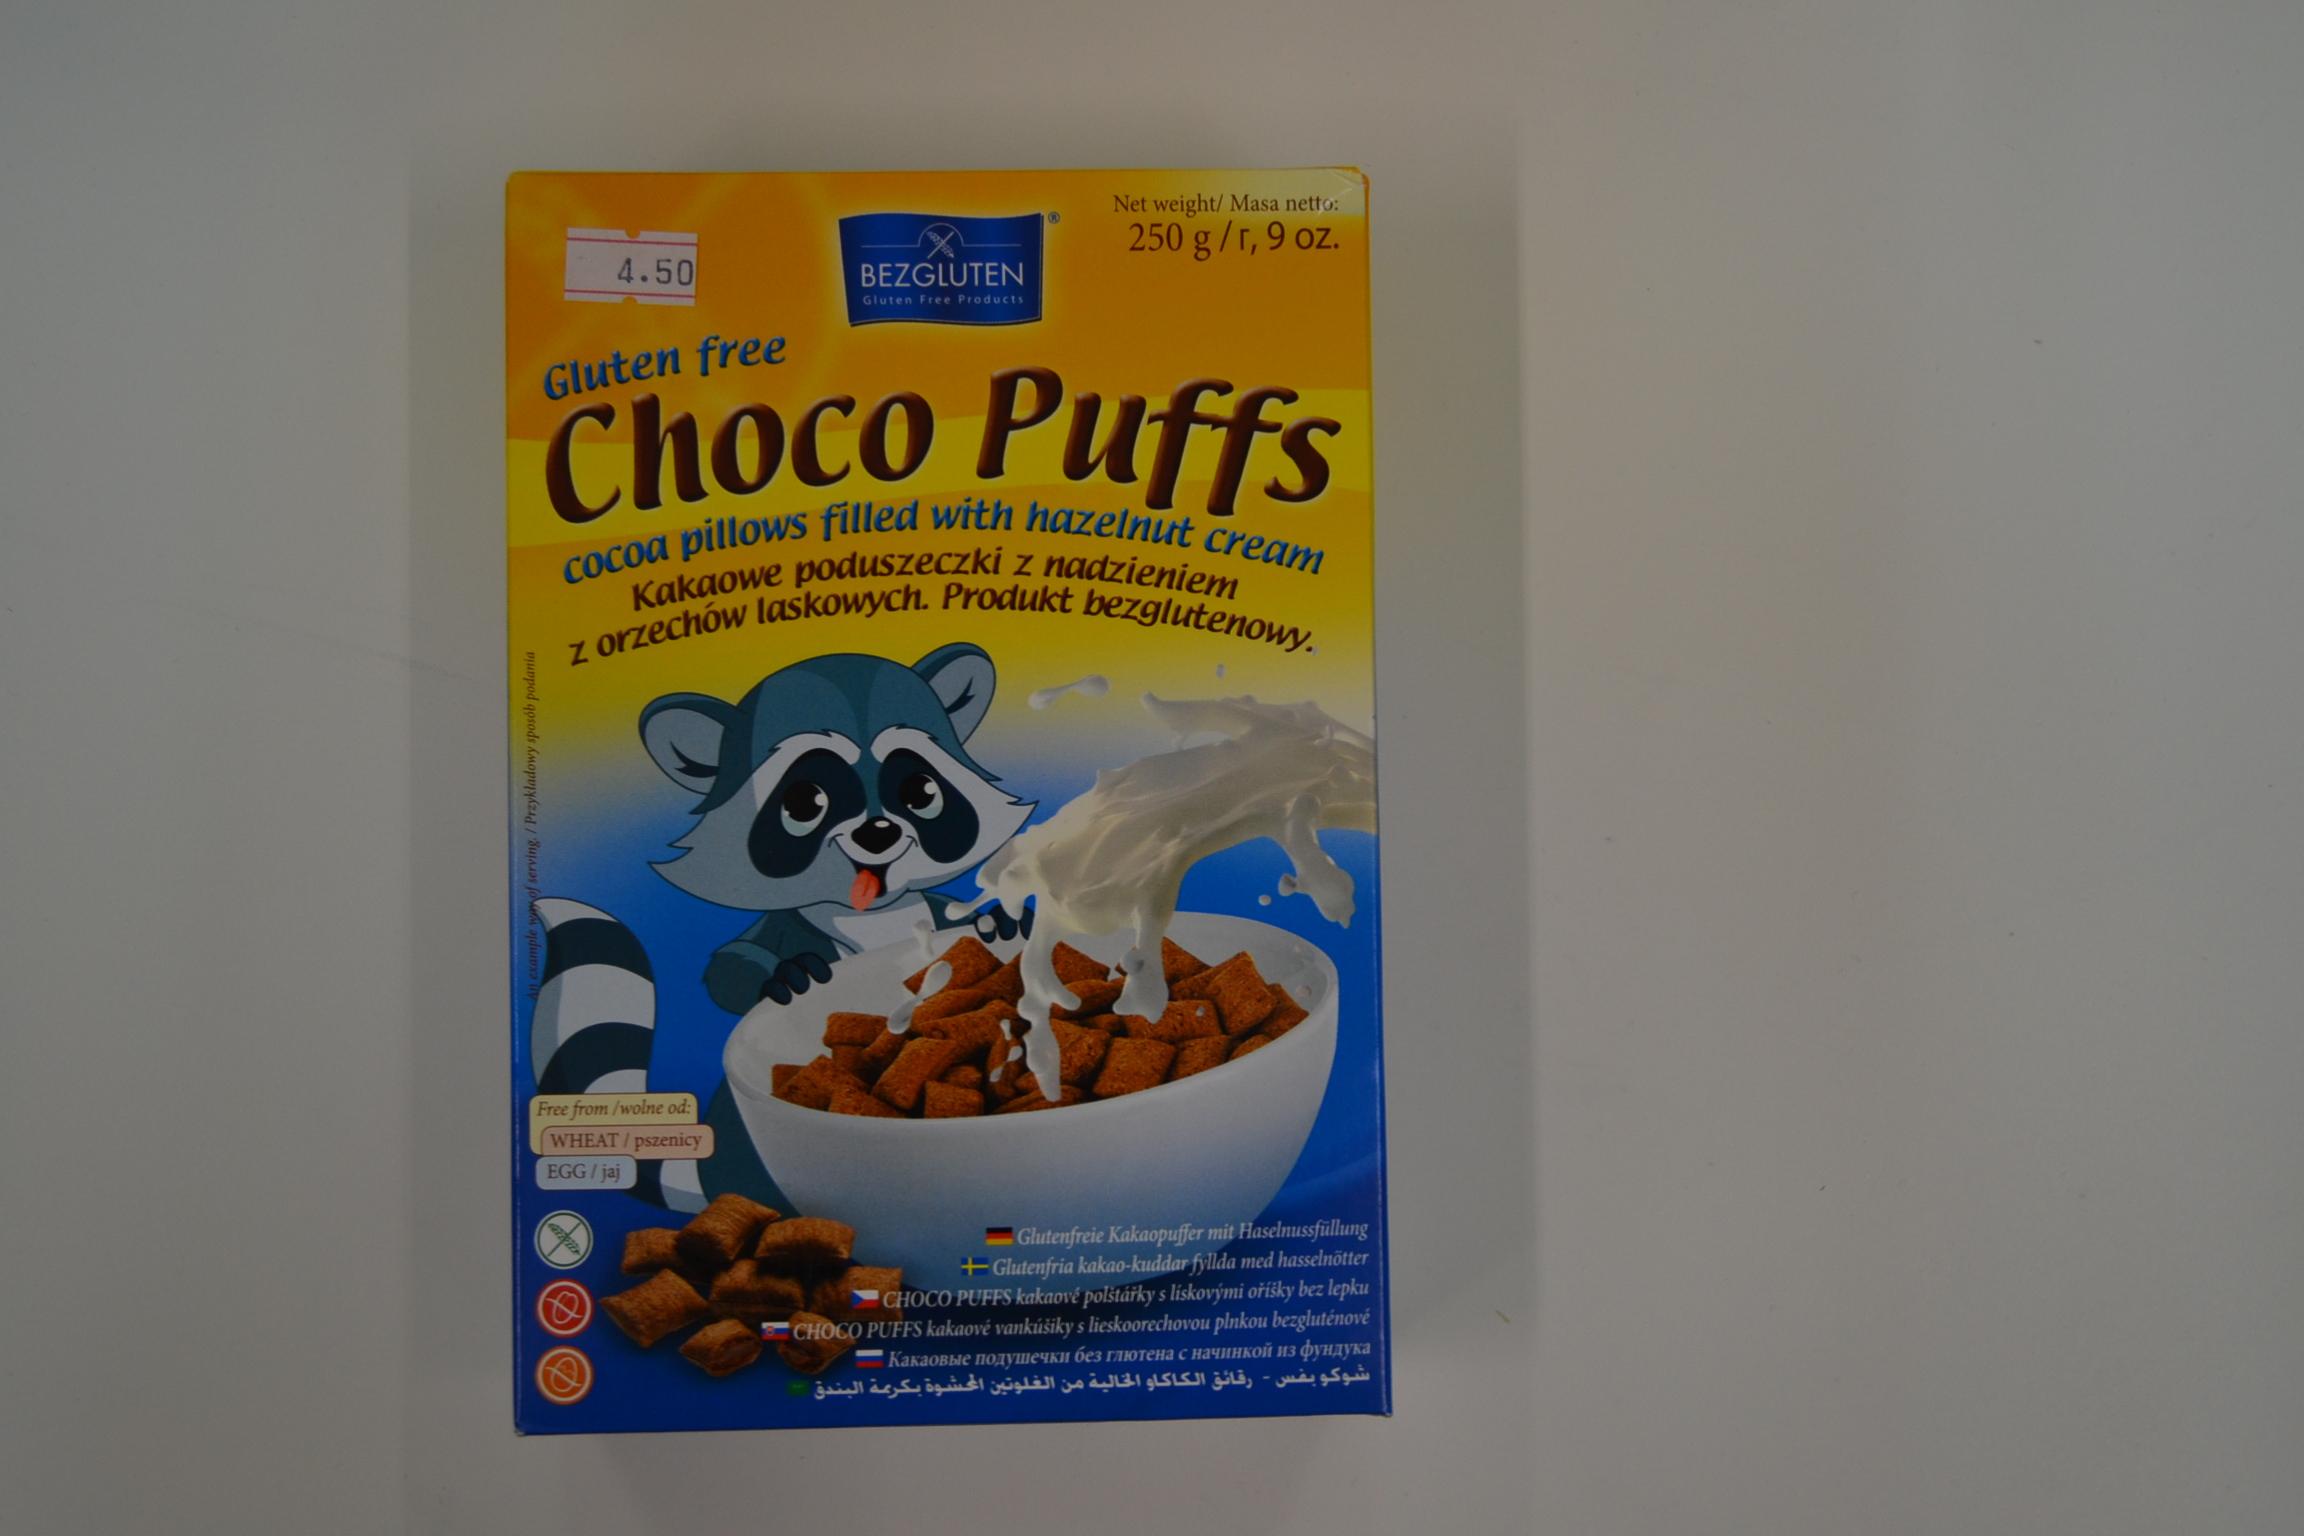 Choco puffs BEZGLUTEN